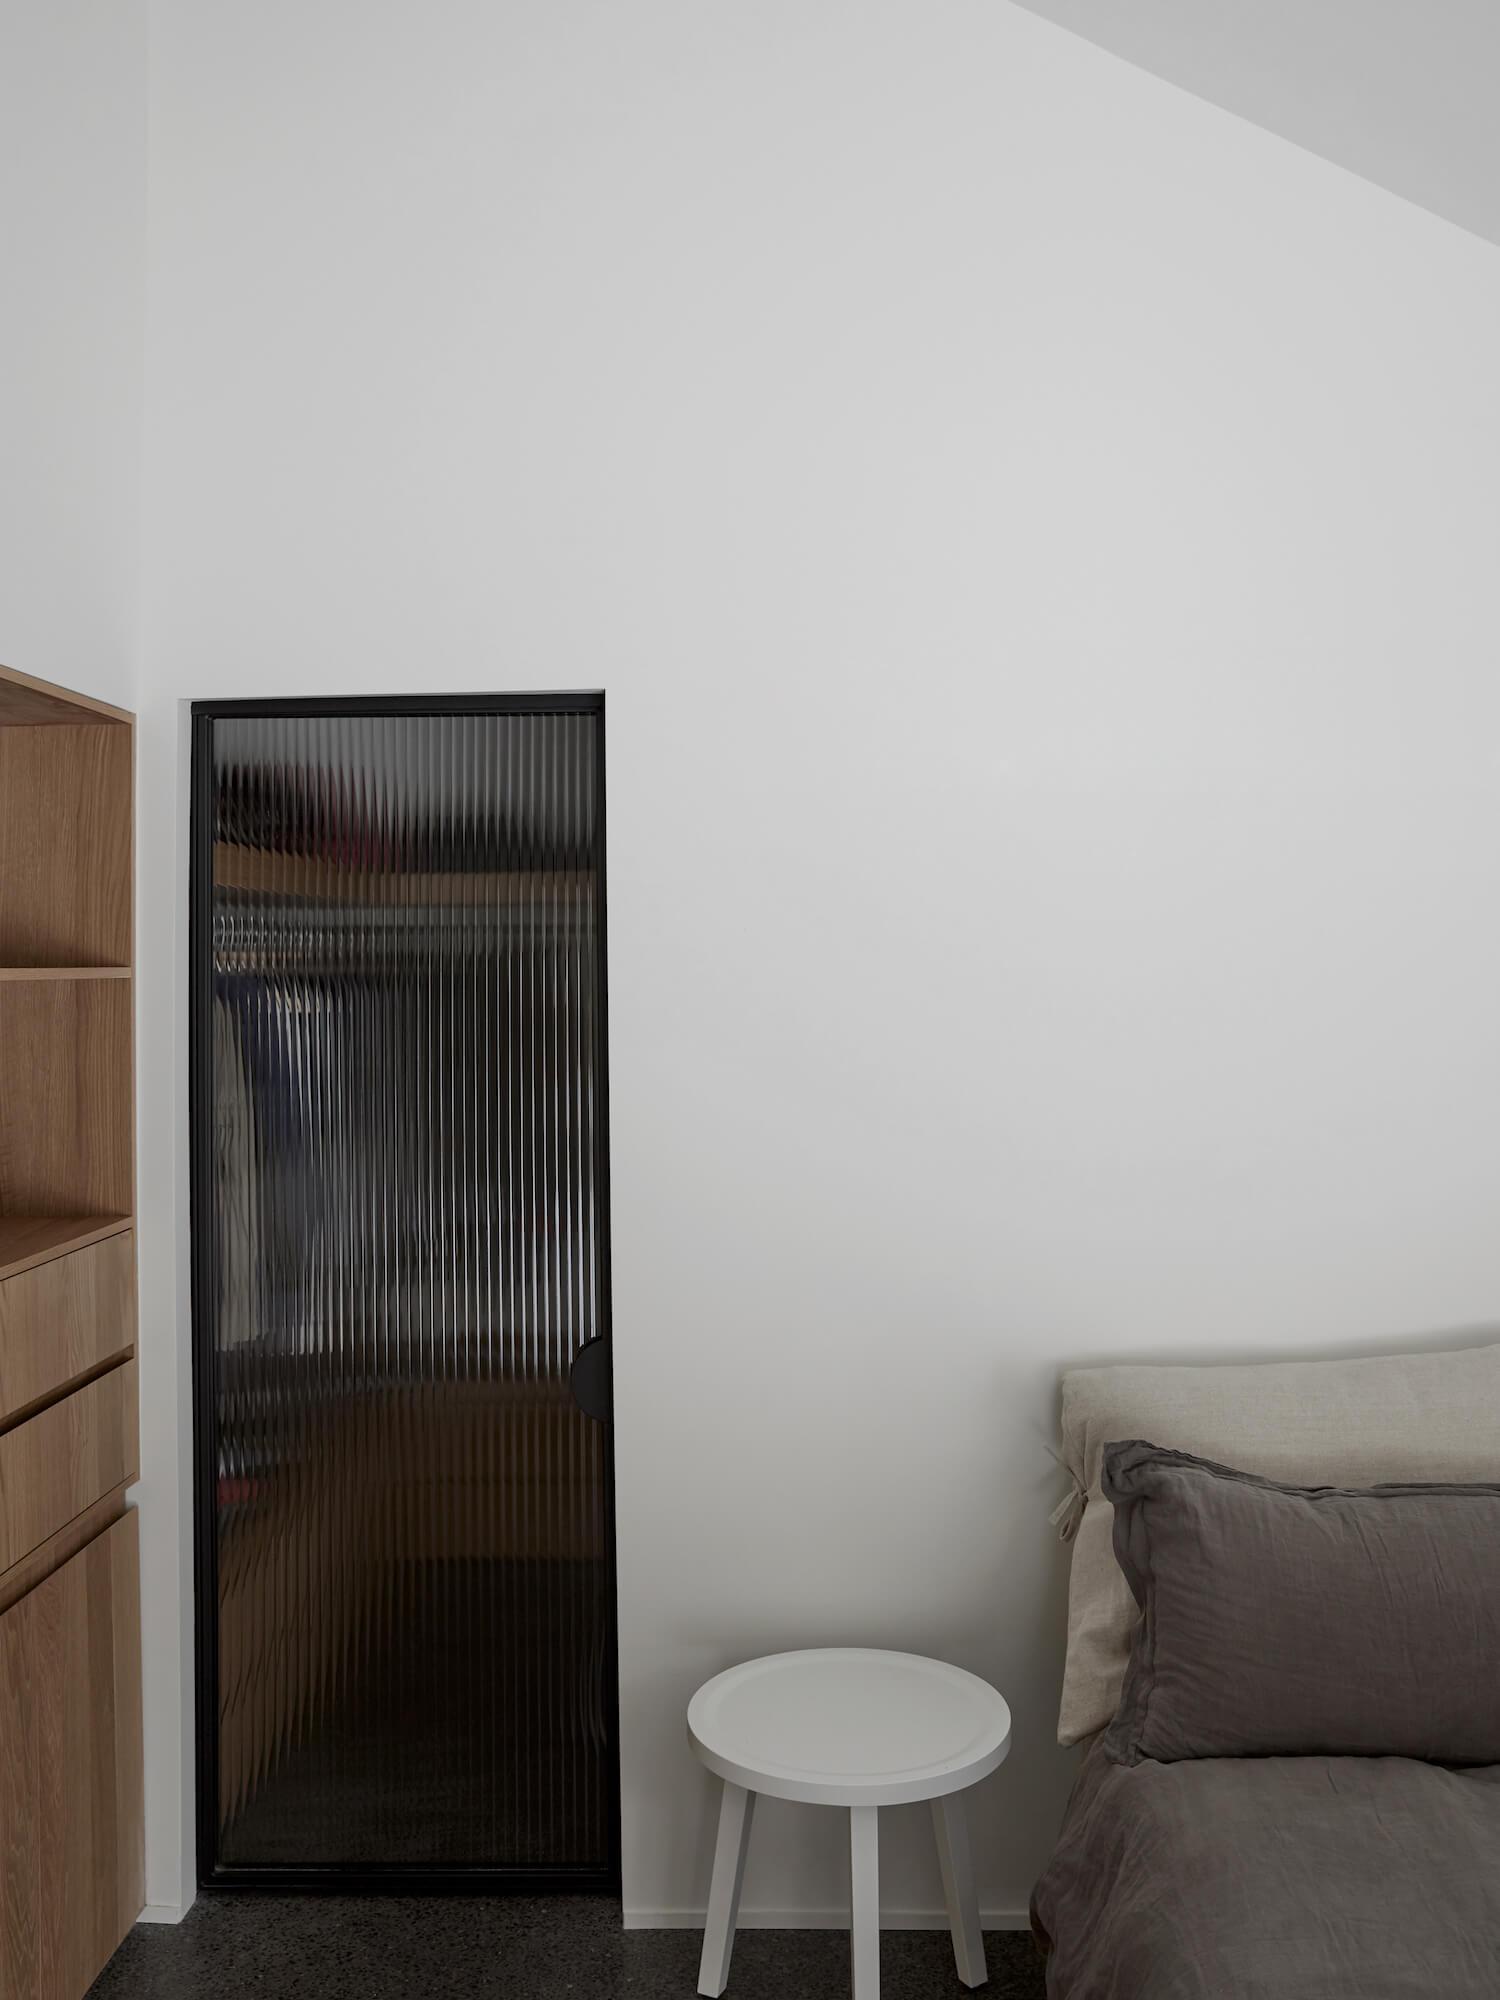 est living gathier residence atelier barda 16